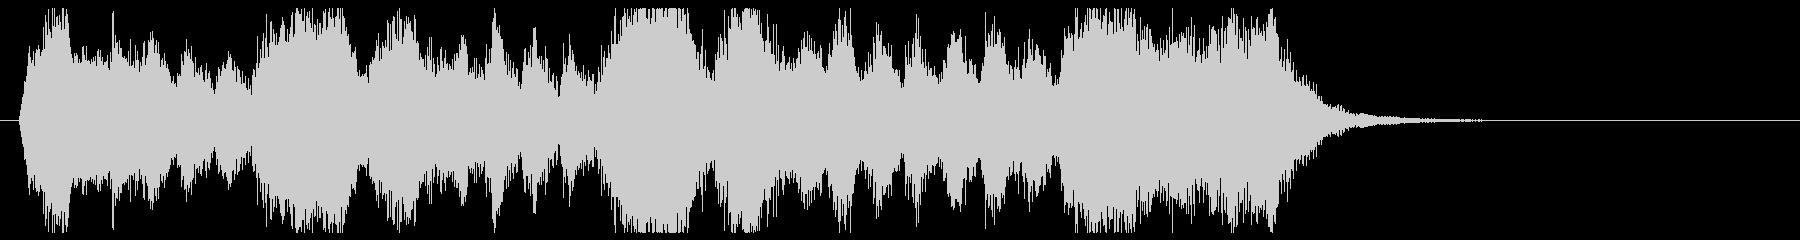 金管の荘厳なファンファーレの未再生の波形